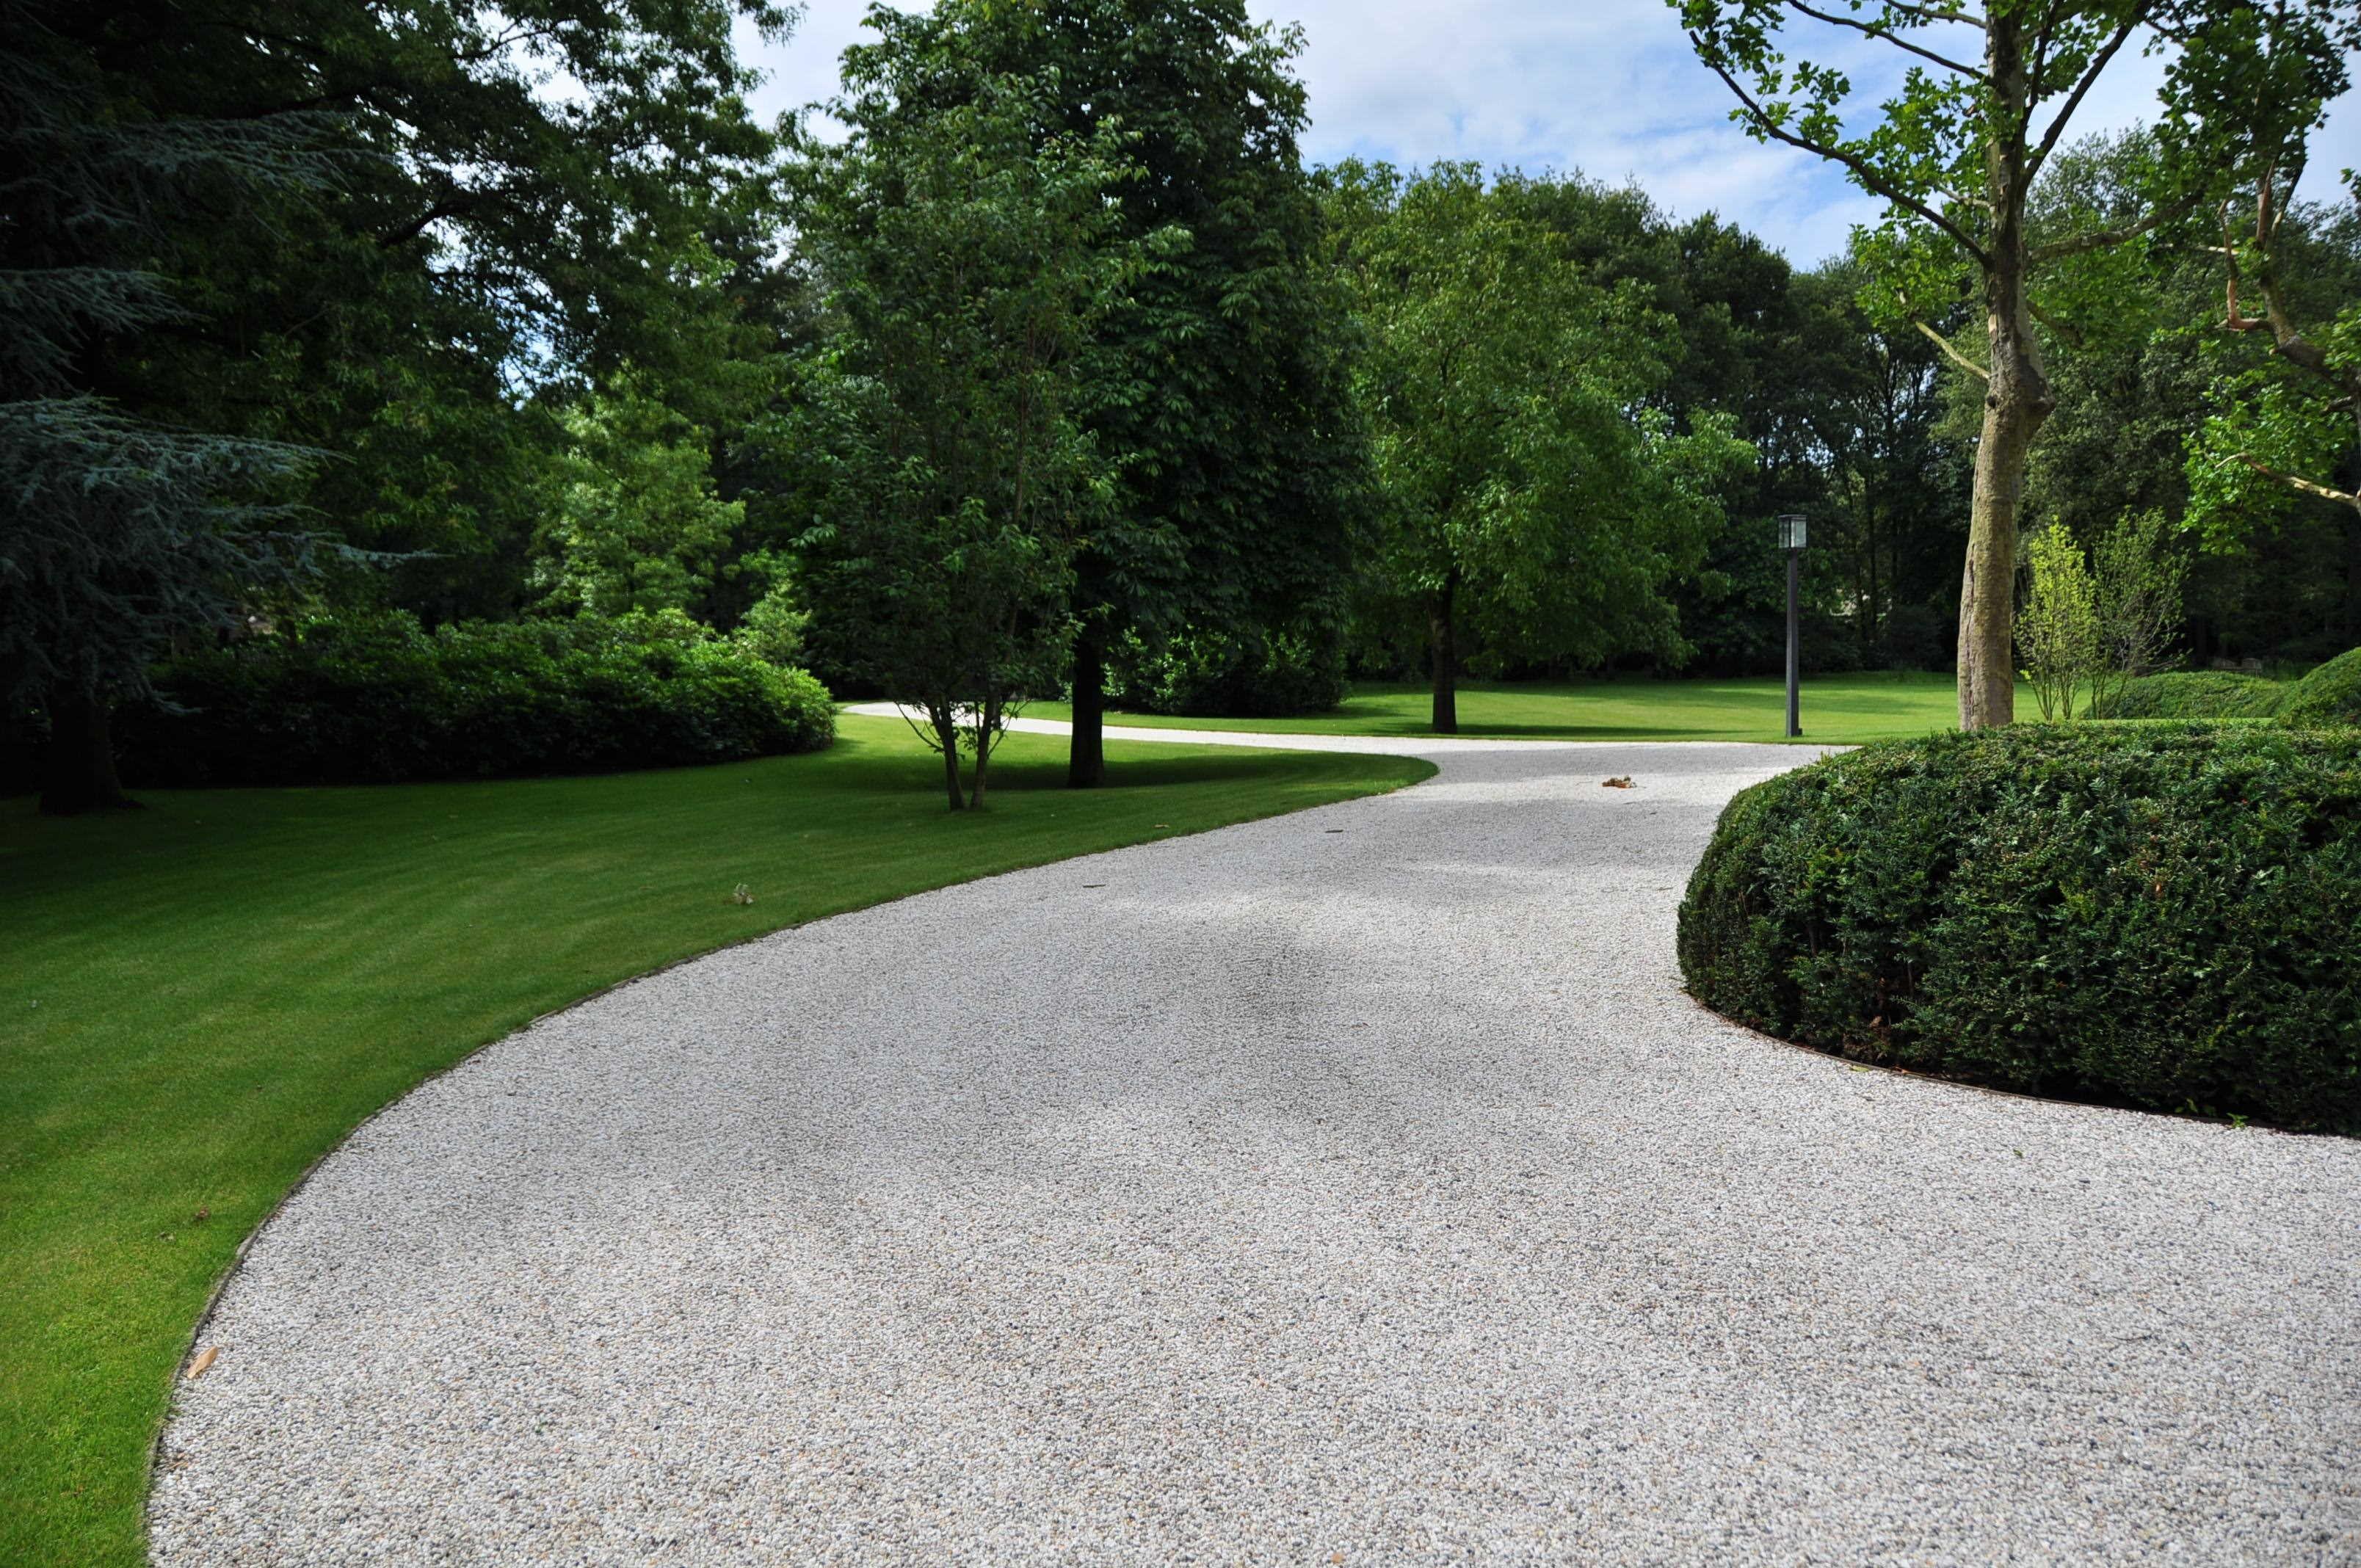 Viale giardino pietra design casa creativa e mobili - Pavimentazione giardino ...